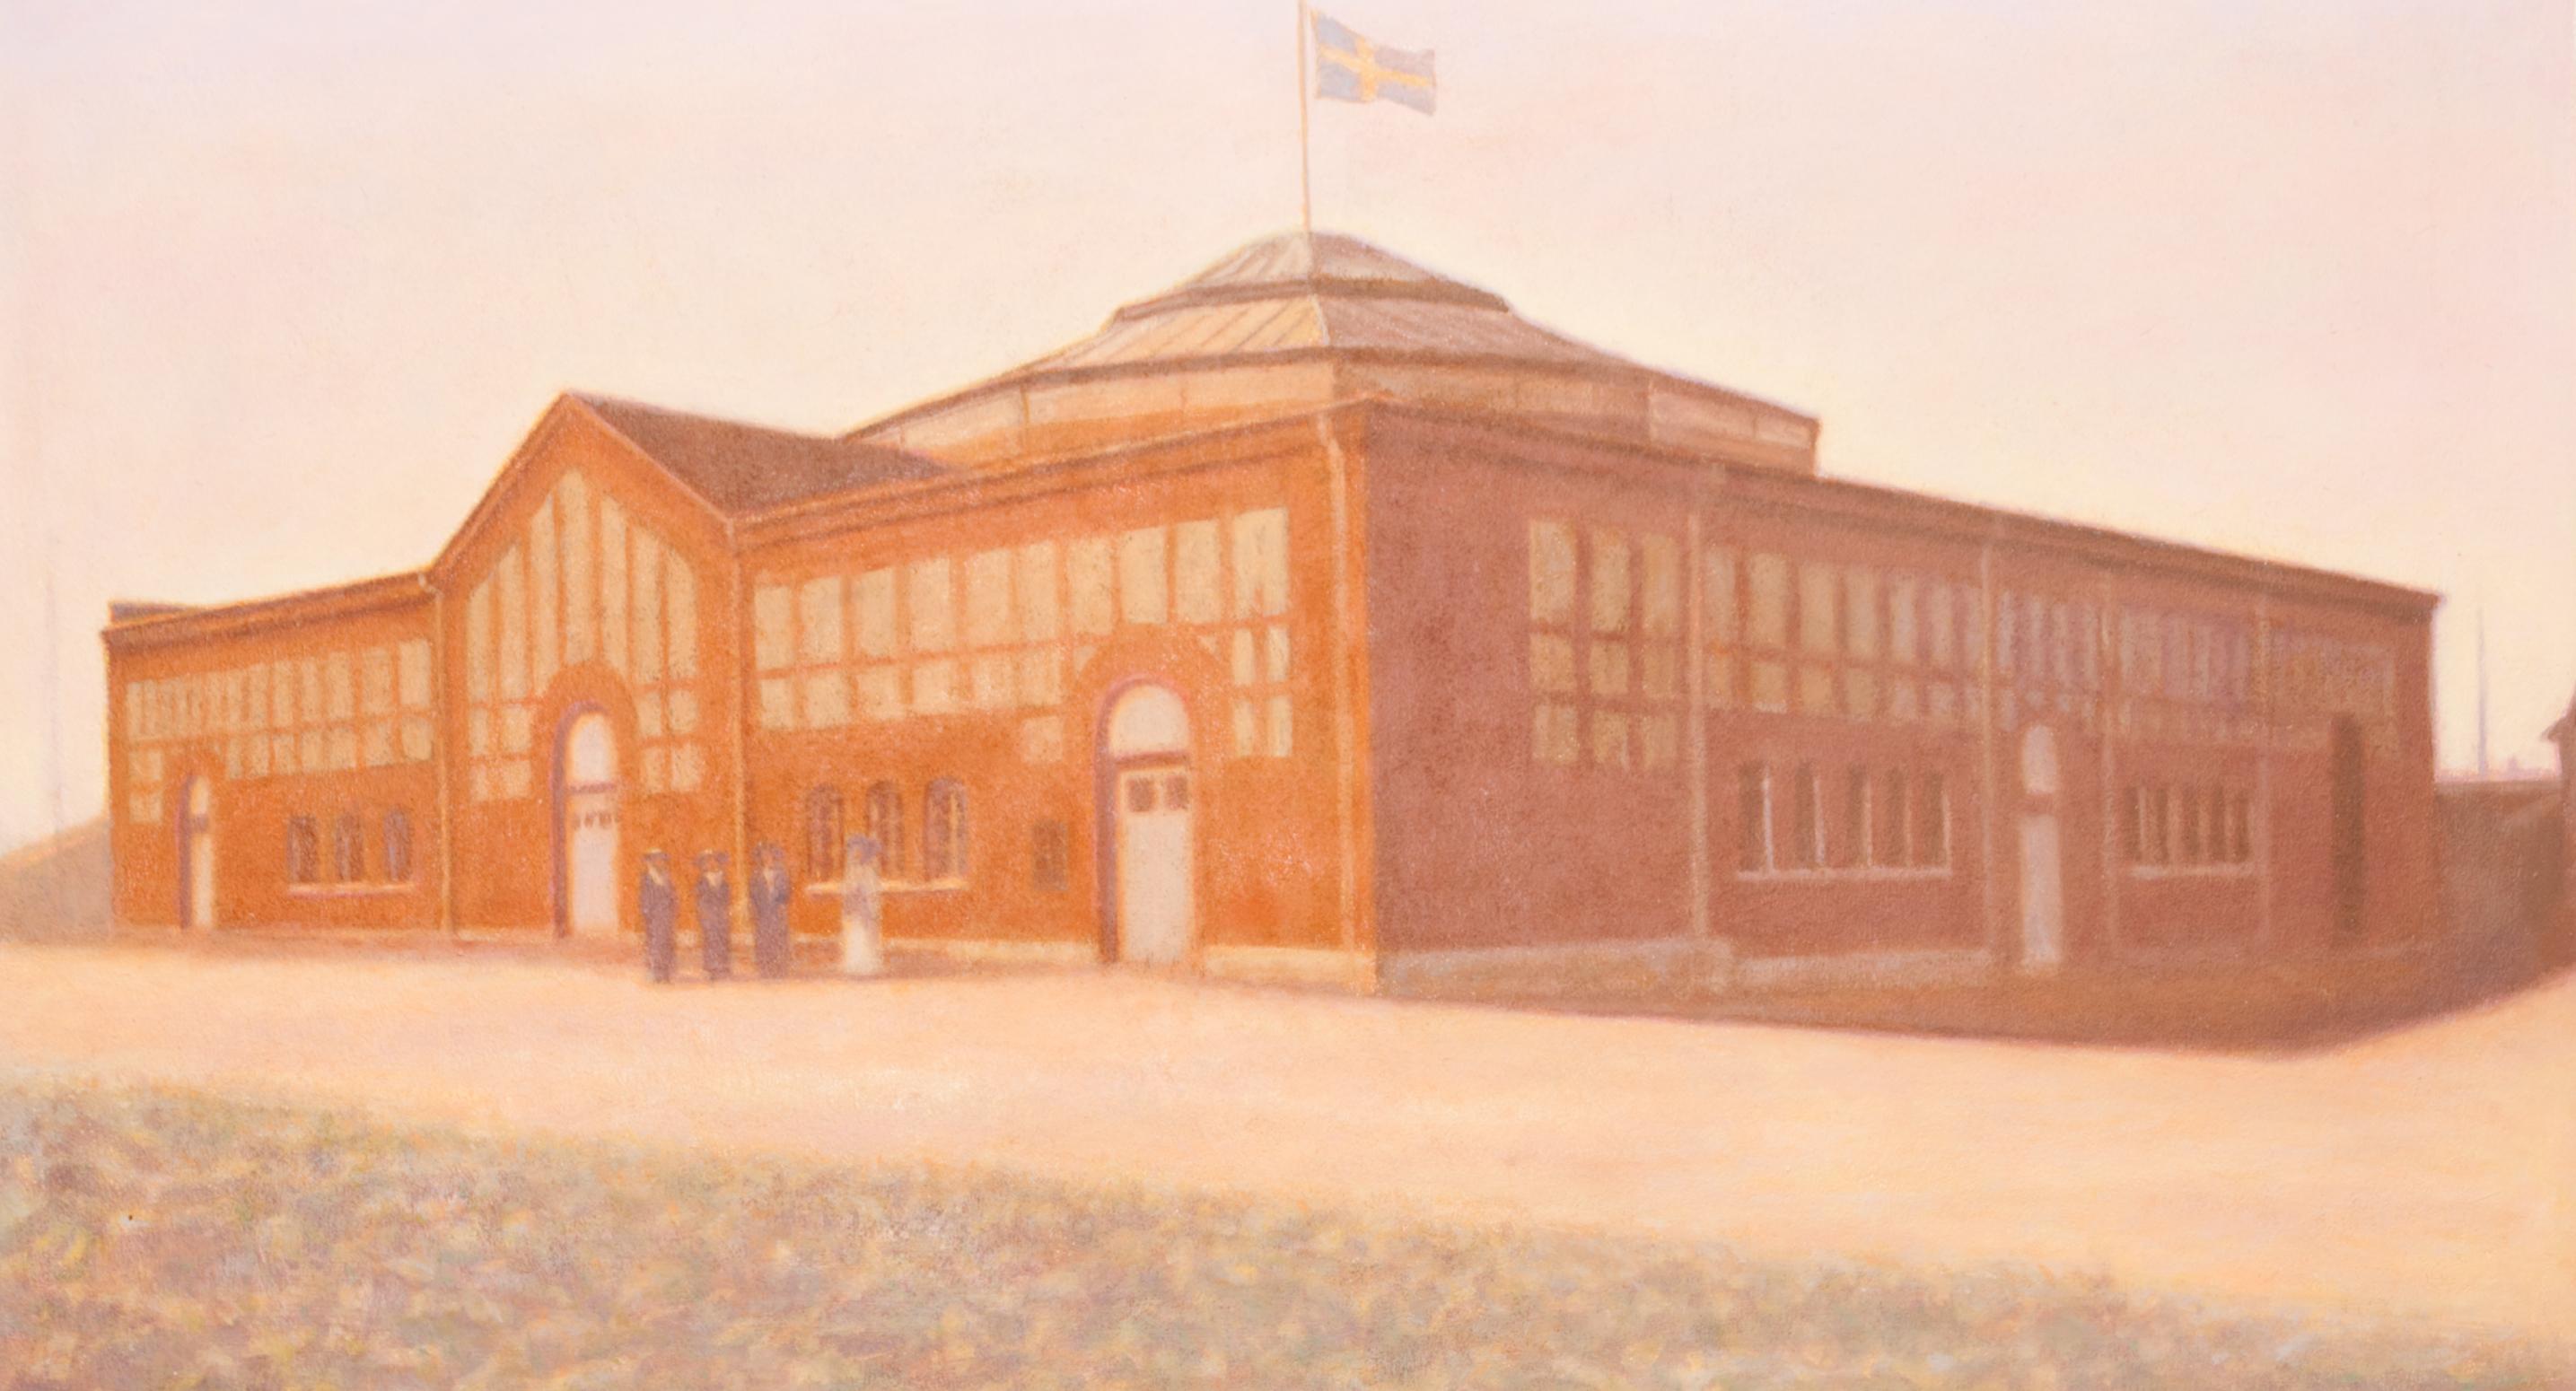 Claes-Åke Schlönzig - Cirkusbyggnaden (1910) - Klicka för att byta till perspektivbild.